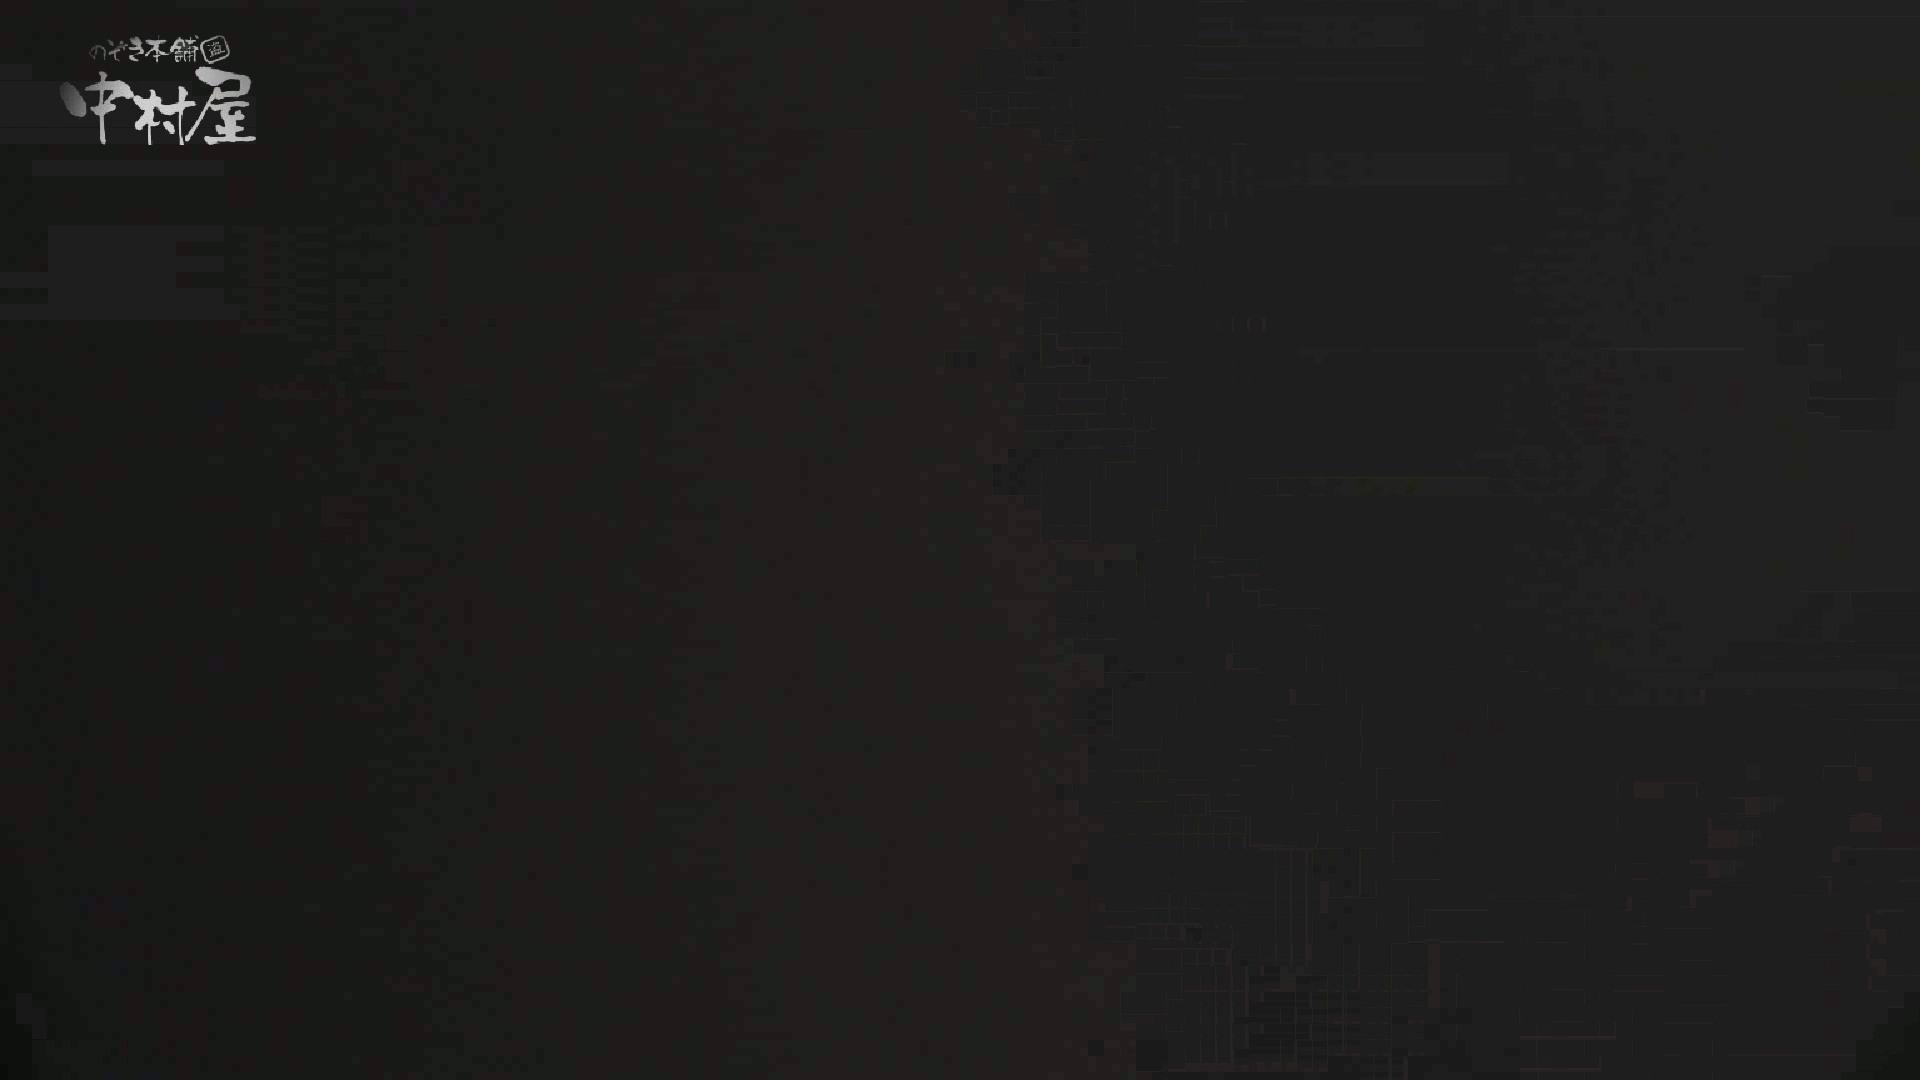 洗面所突入レポート!!vol.8 マンコ特別編 オマンコ無修正動画無料 102枚 84